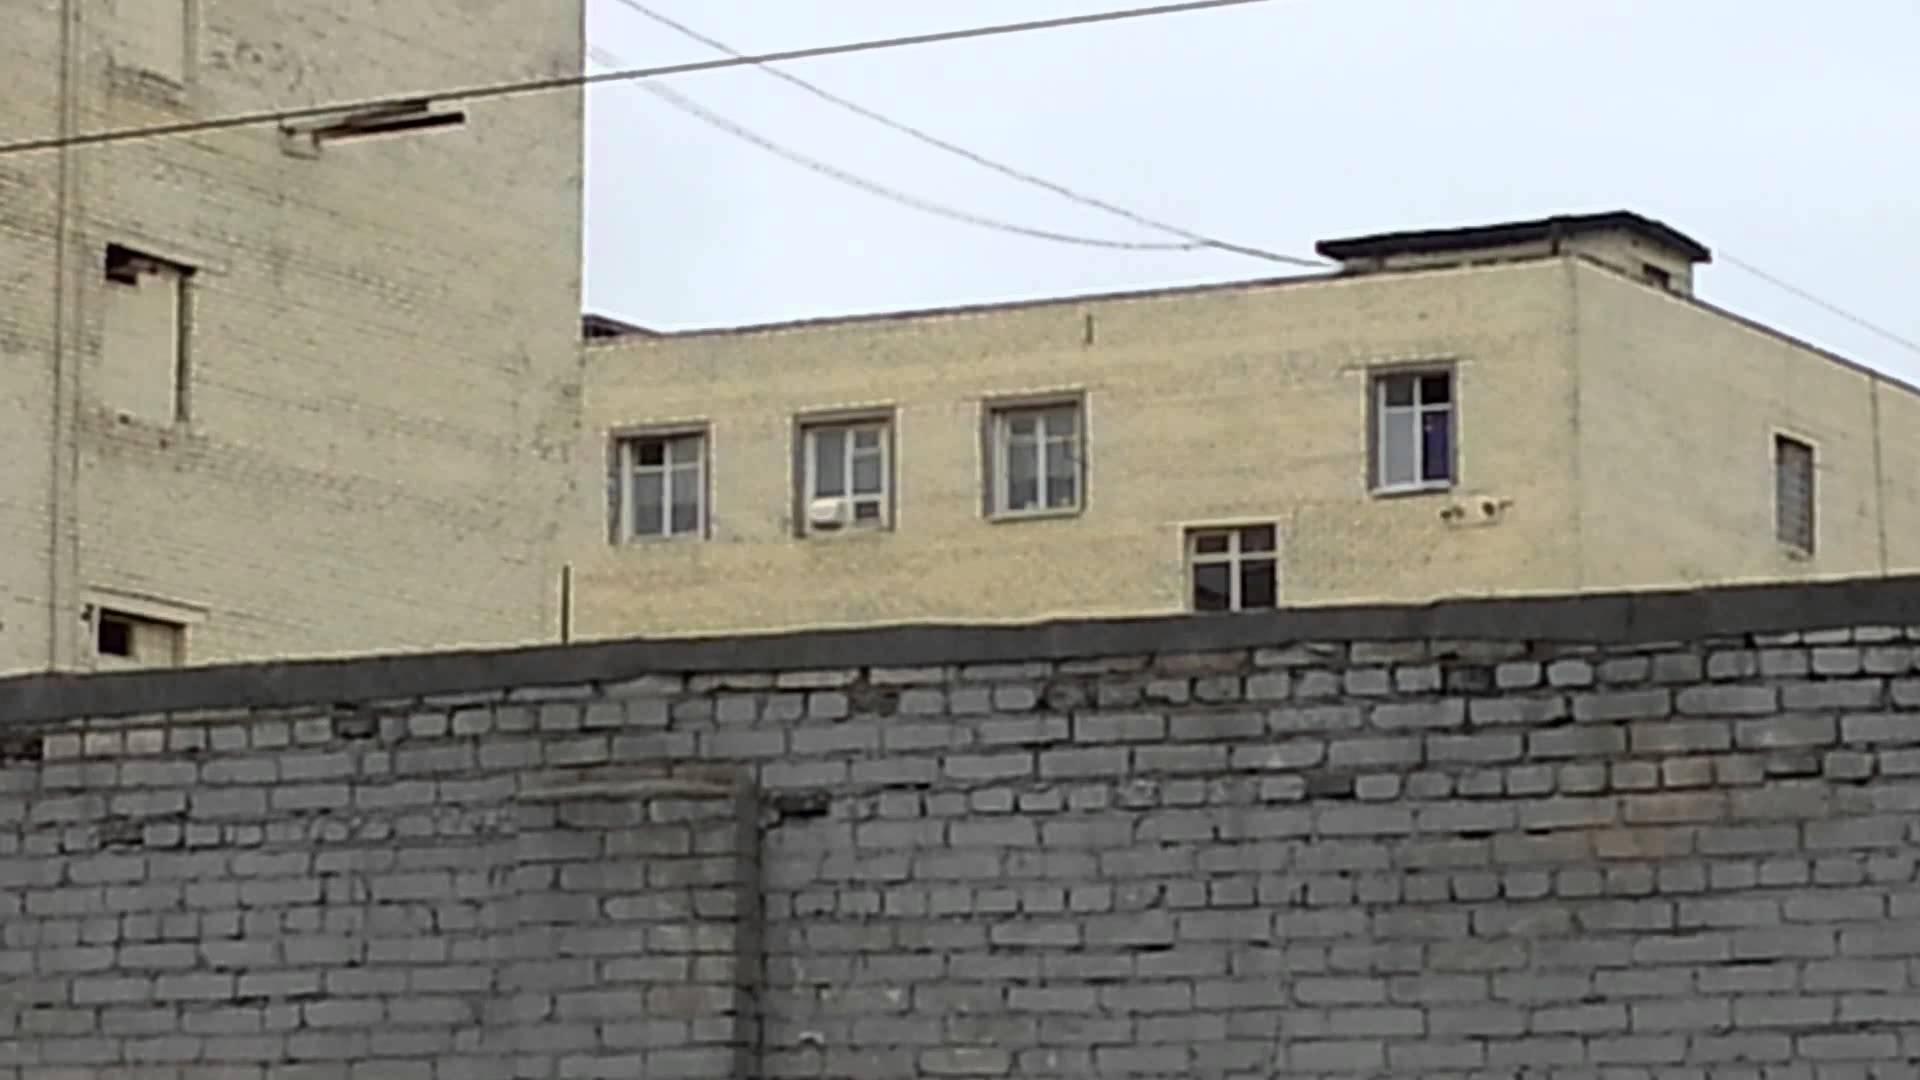 Петербургский суд отменил разрешение проносить видеокамеры в исправительные колонии для членов ОНК